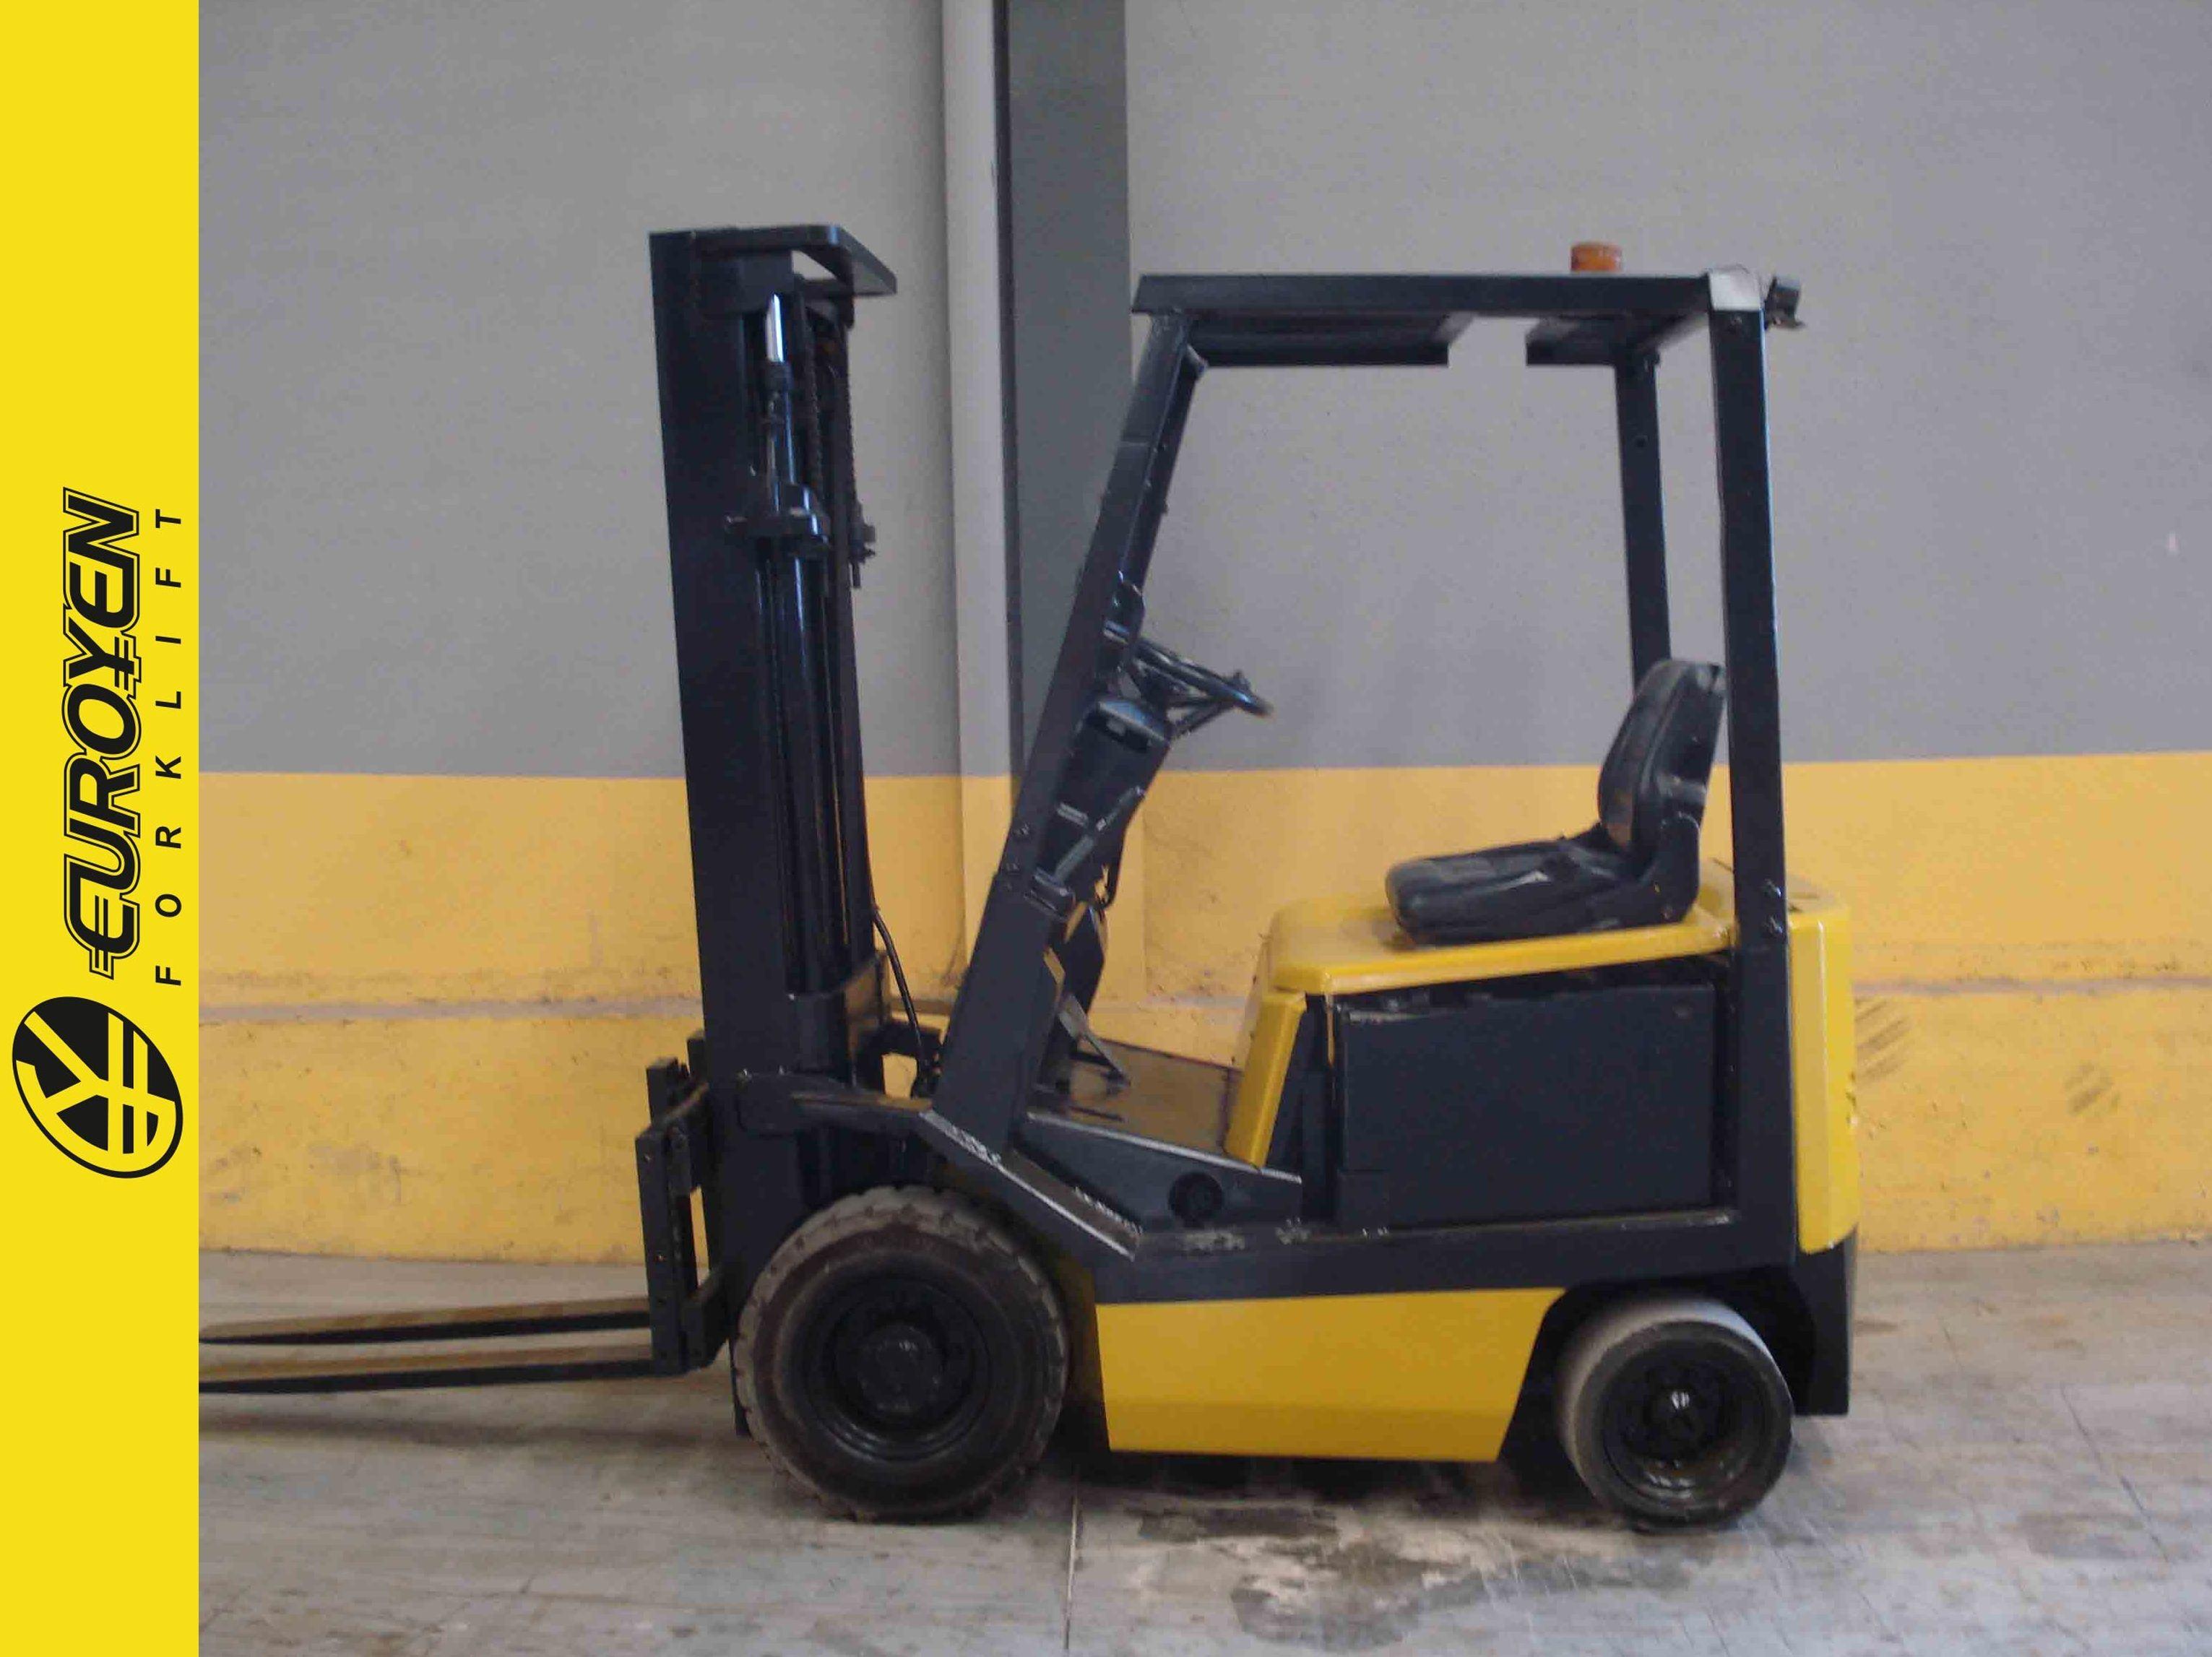 Carretilla eléctrica YALE SUMITOMO Nº 5351: Productos y servicios de Comercial Euroyen, S. L.